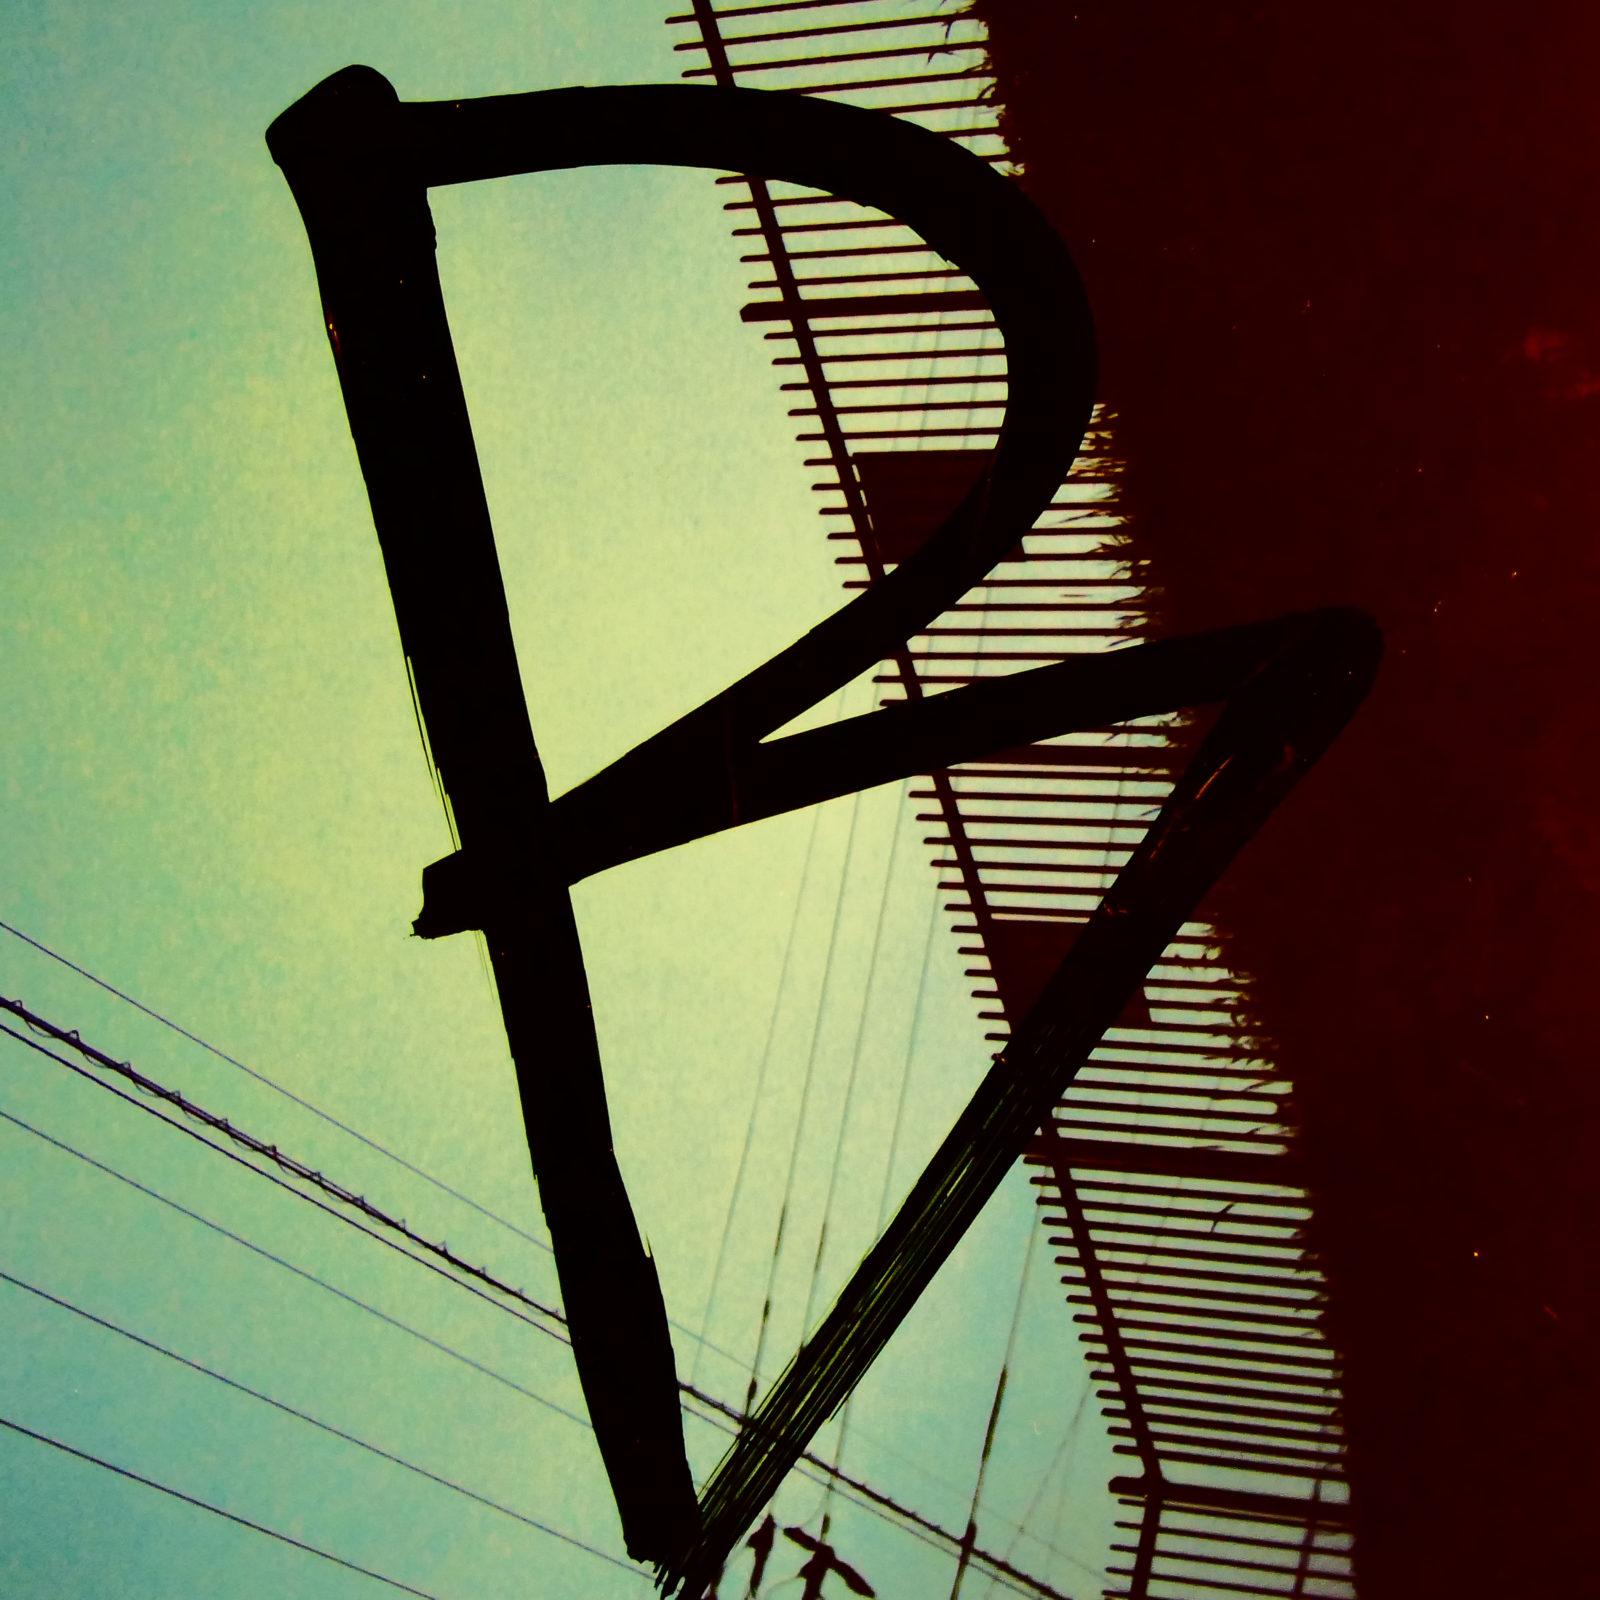 SHINO、3年ぶりとなる2ndアルバム「BURBS」をリリース。多彩なビートメーカーに加え晋平太とYURIKAが参加サムネイル画像